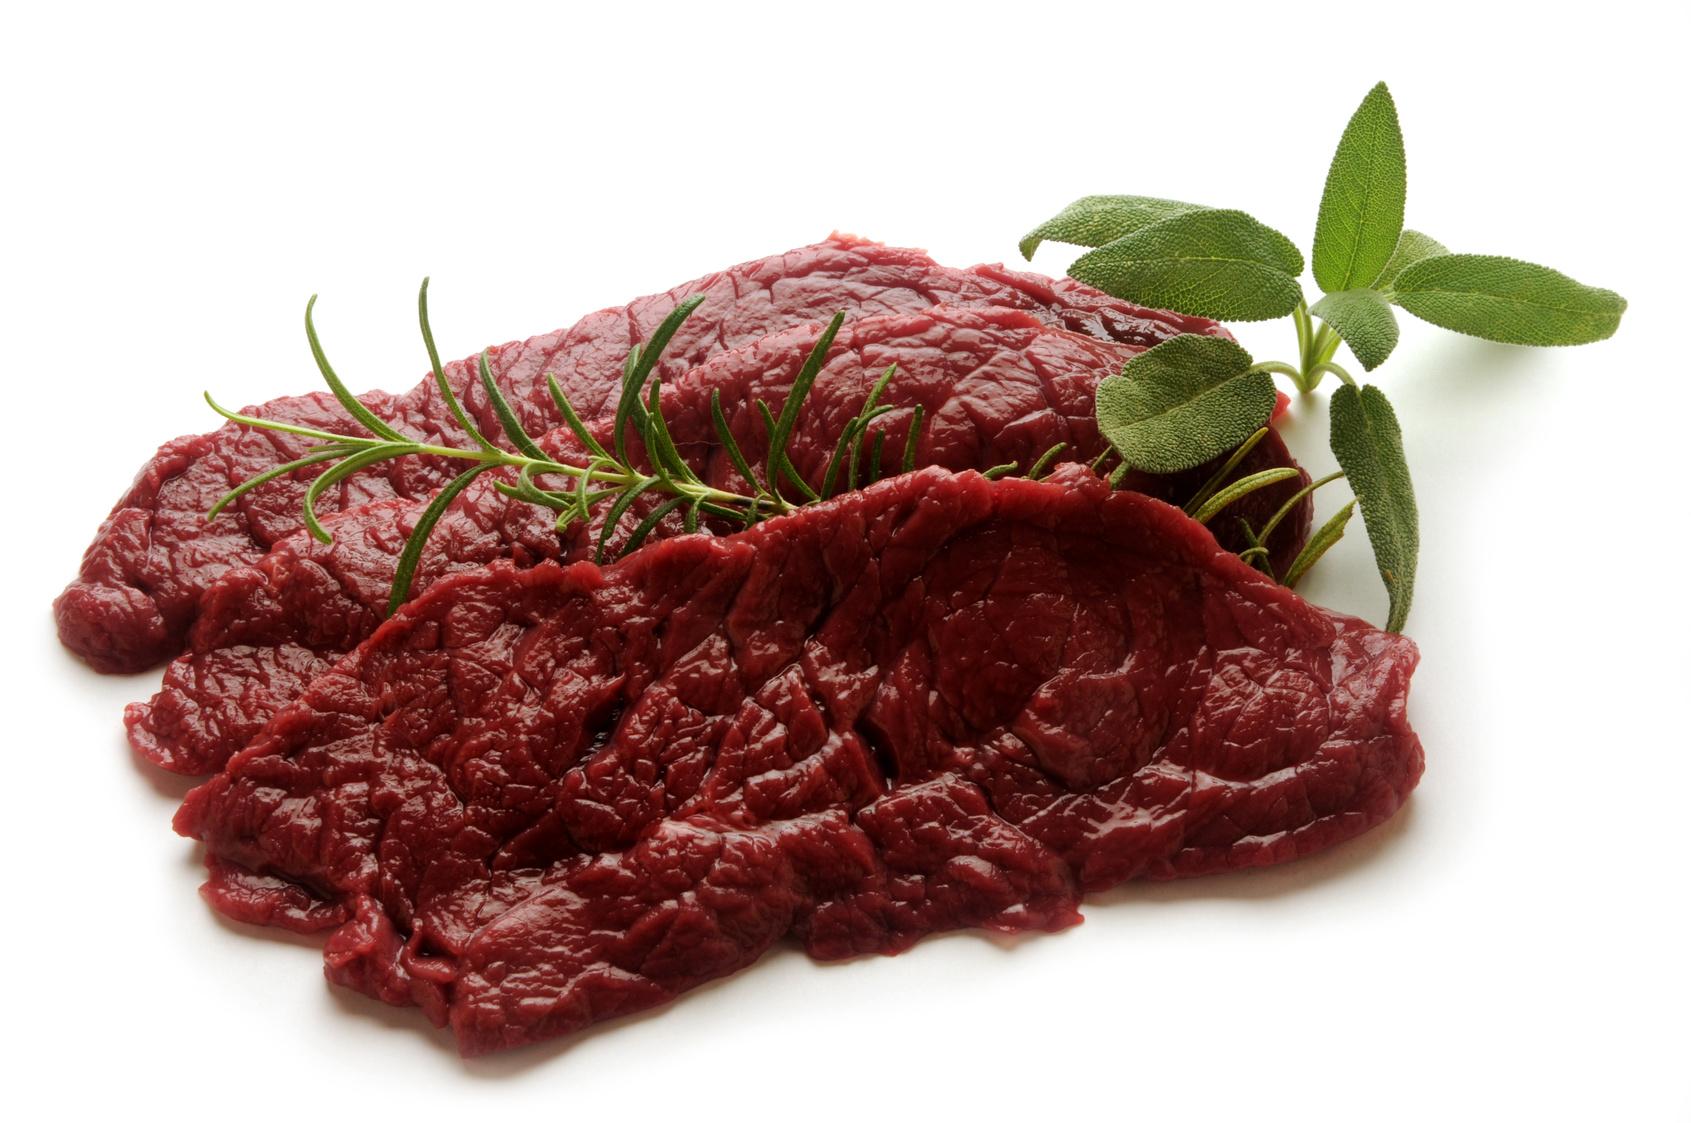 viande de cheval nutrition recette santé